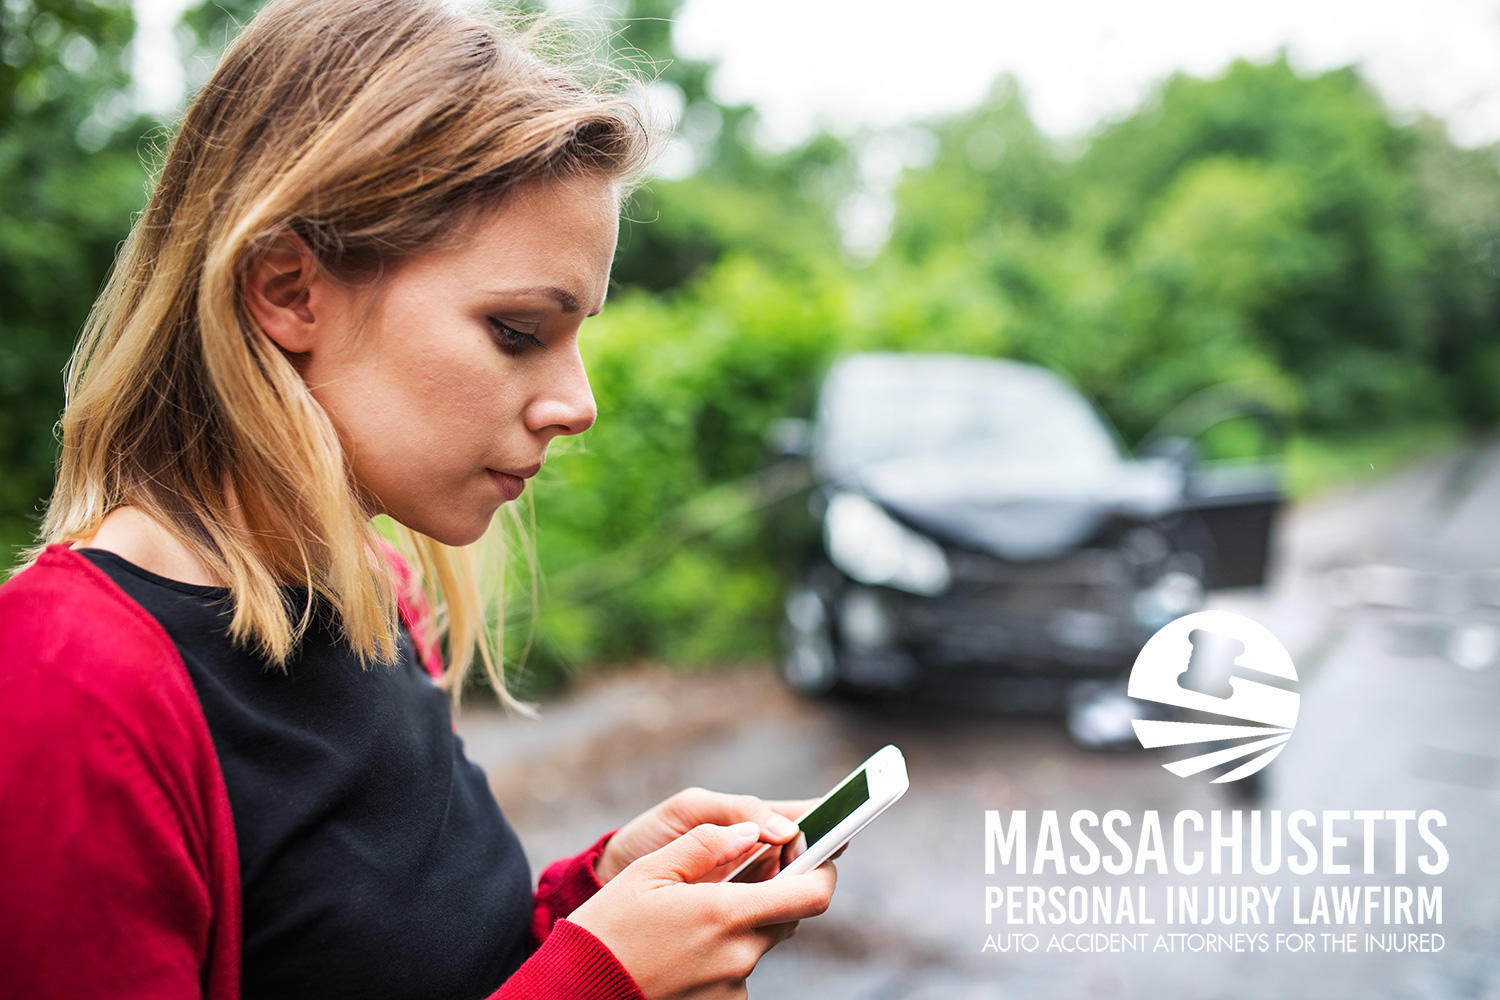 Massachusetts Personal Injury Lawyers image 2